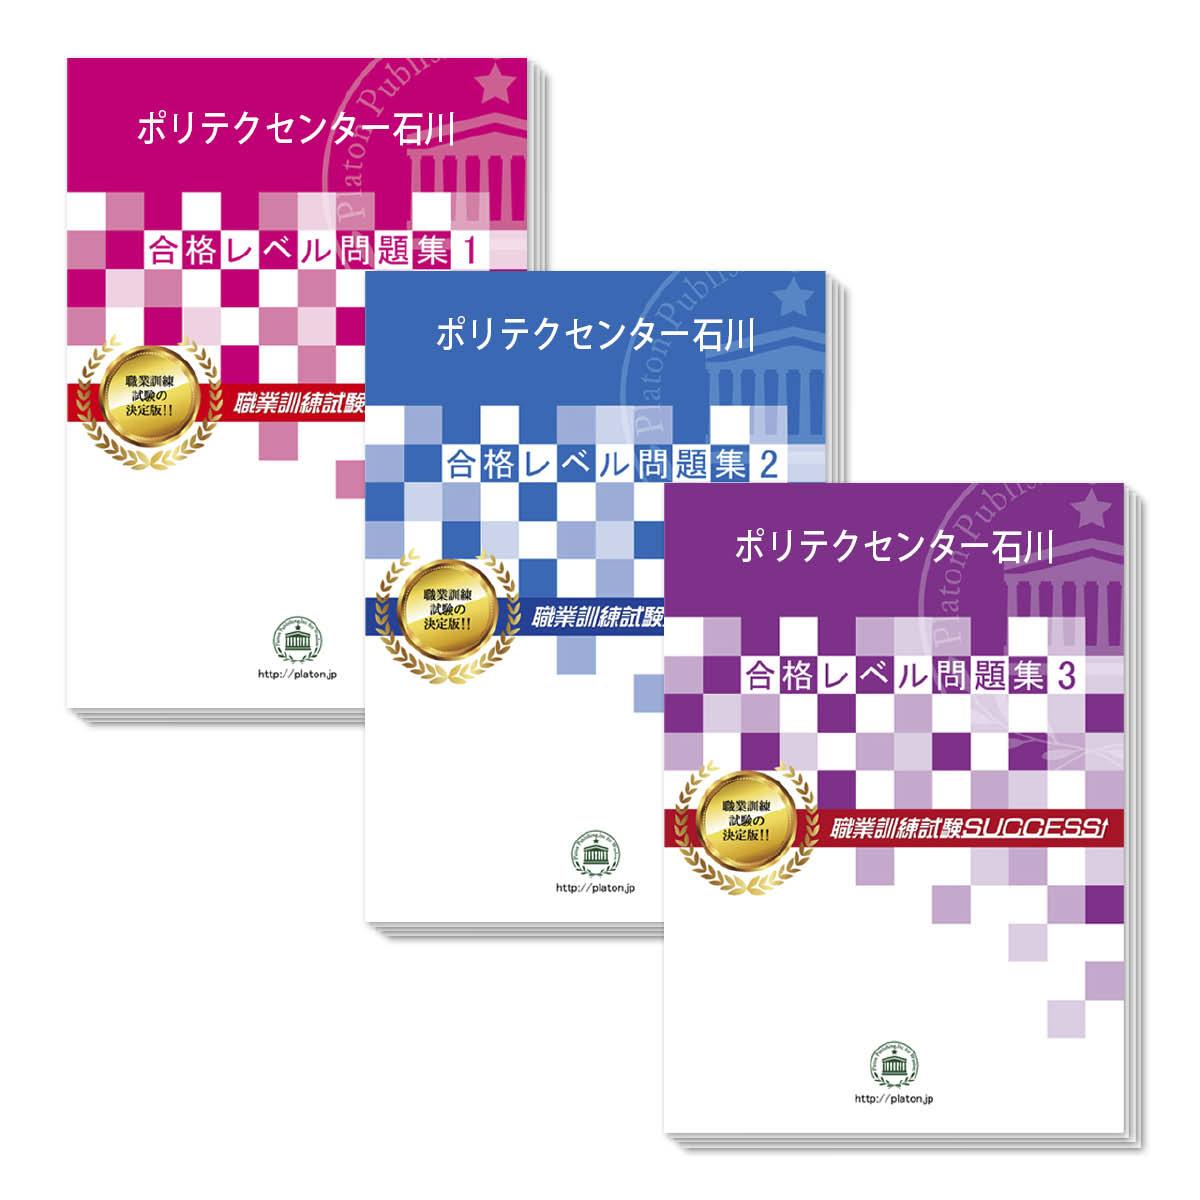 再入荷/予約販売! 送料 代引手数料無料 引出物 ポリテクセンター石川 3冊 受験合格セット問題集